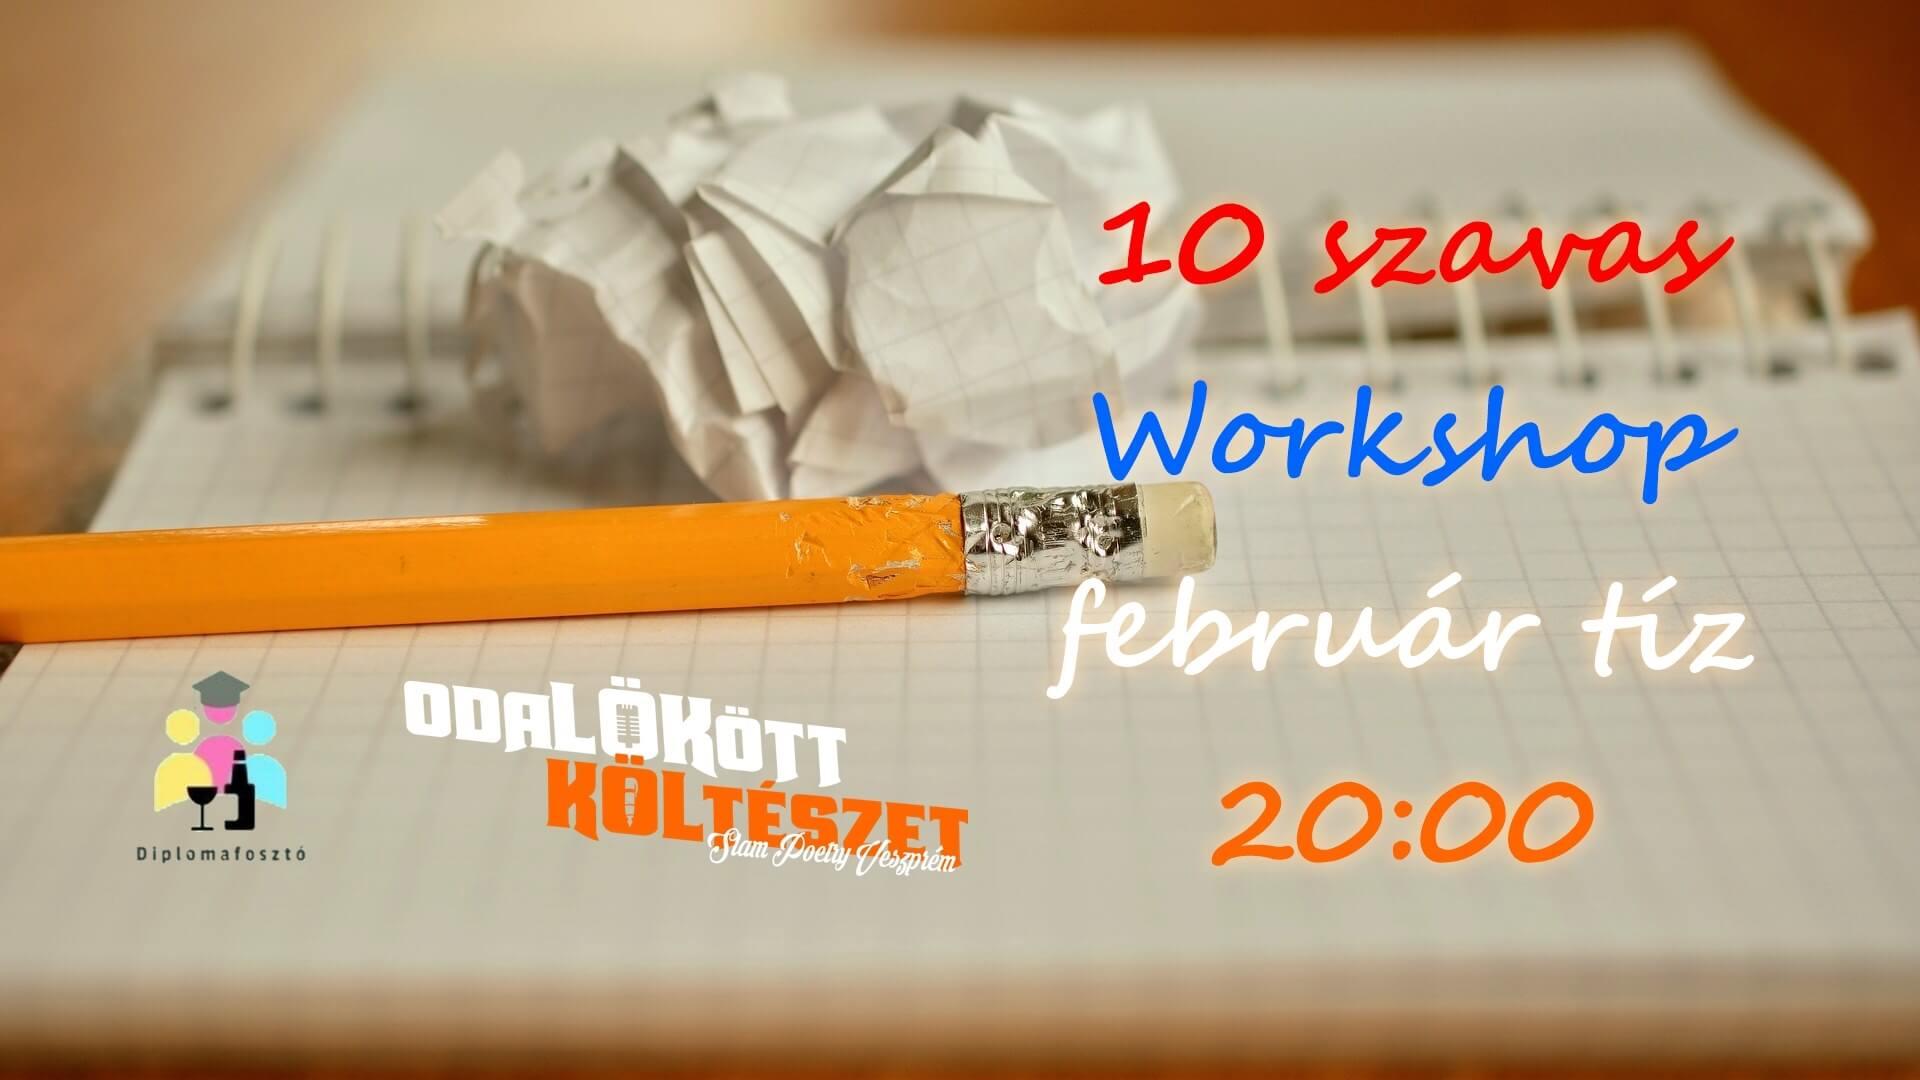 10 szavas Workshop a DiplomaFosztóban!